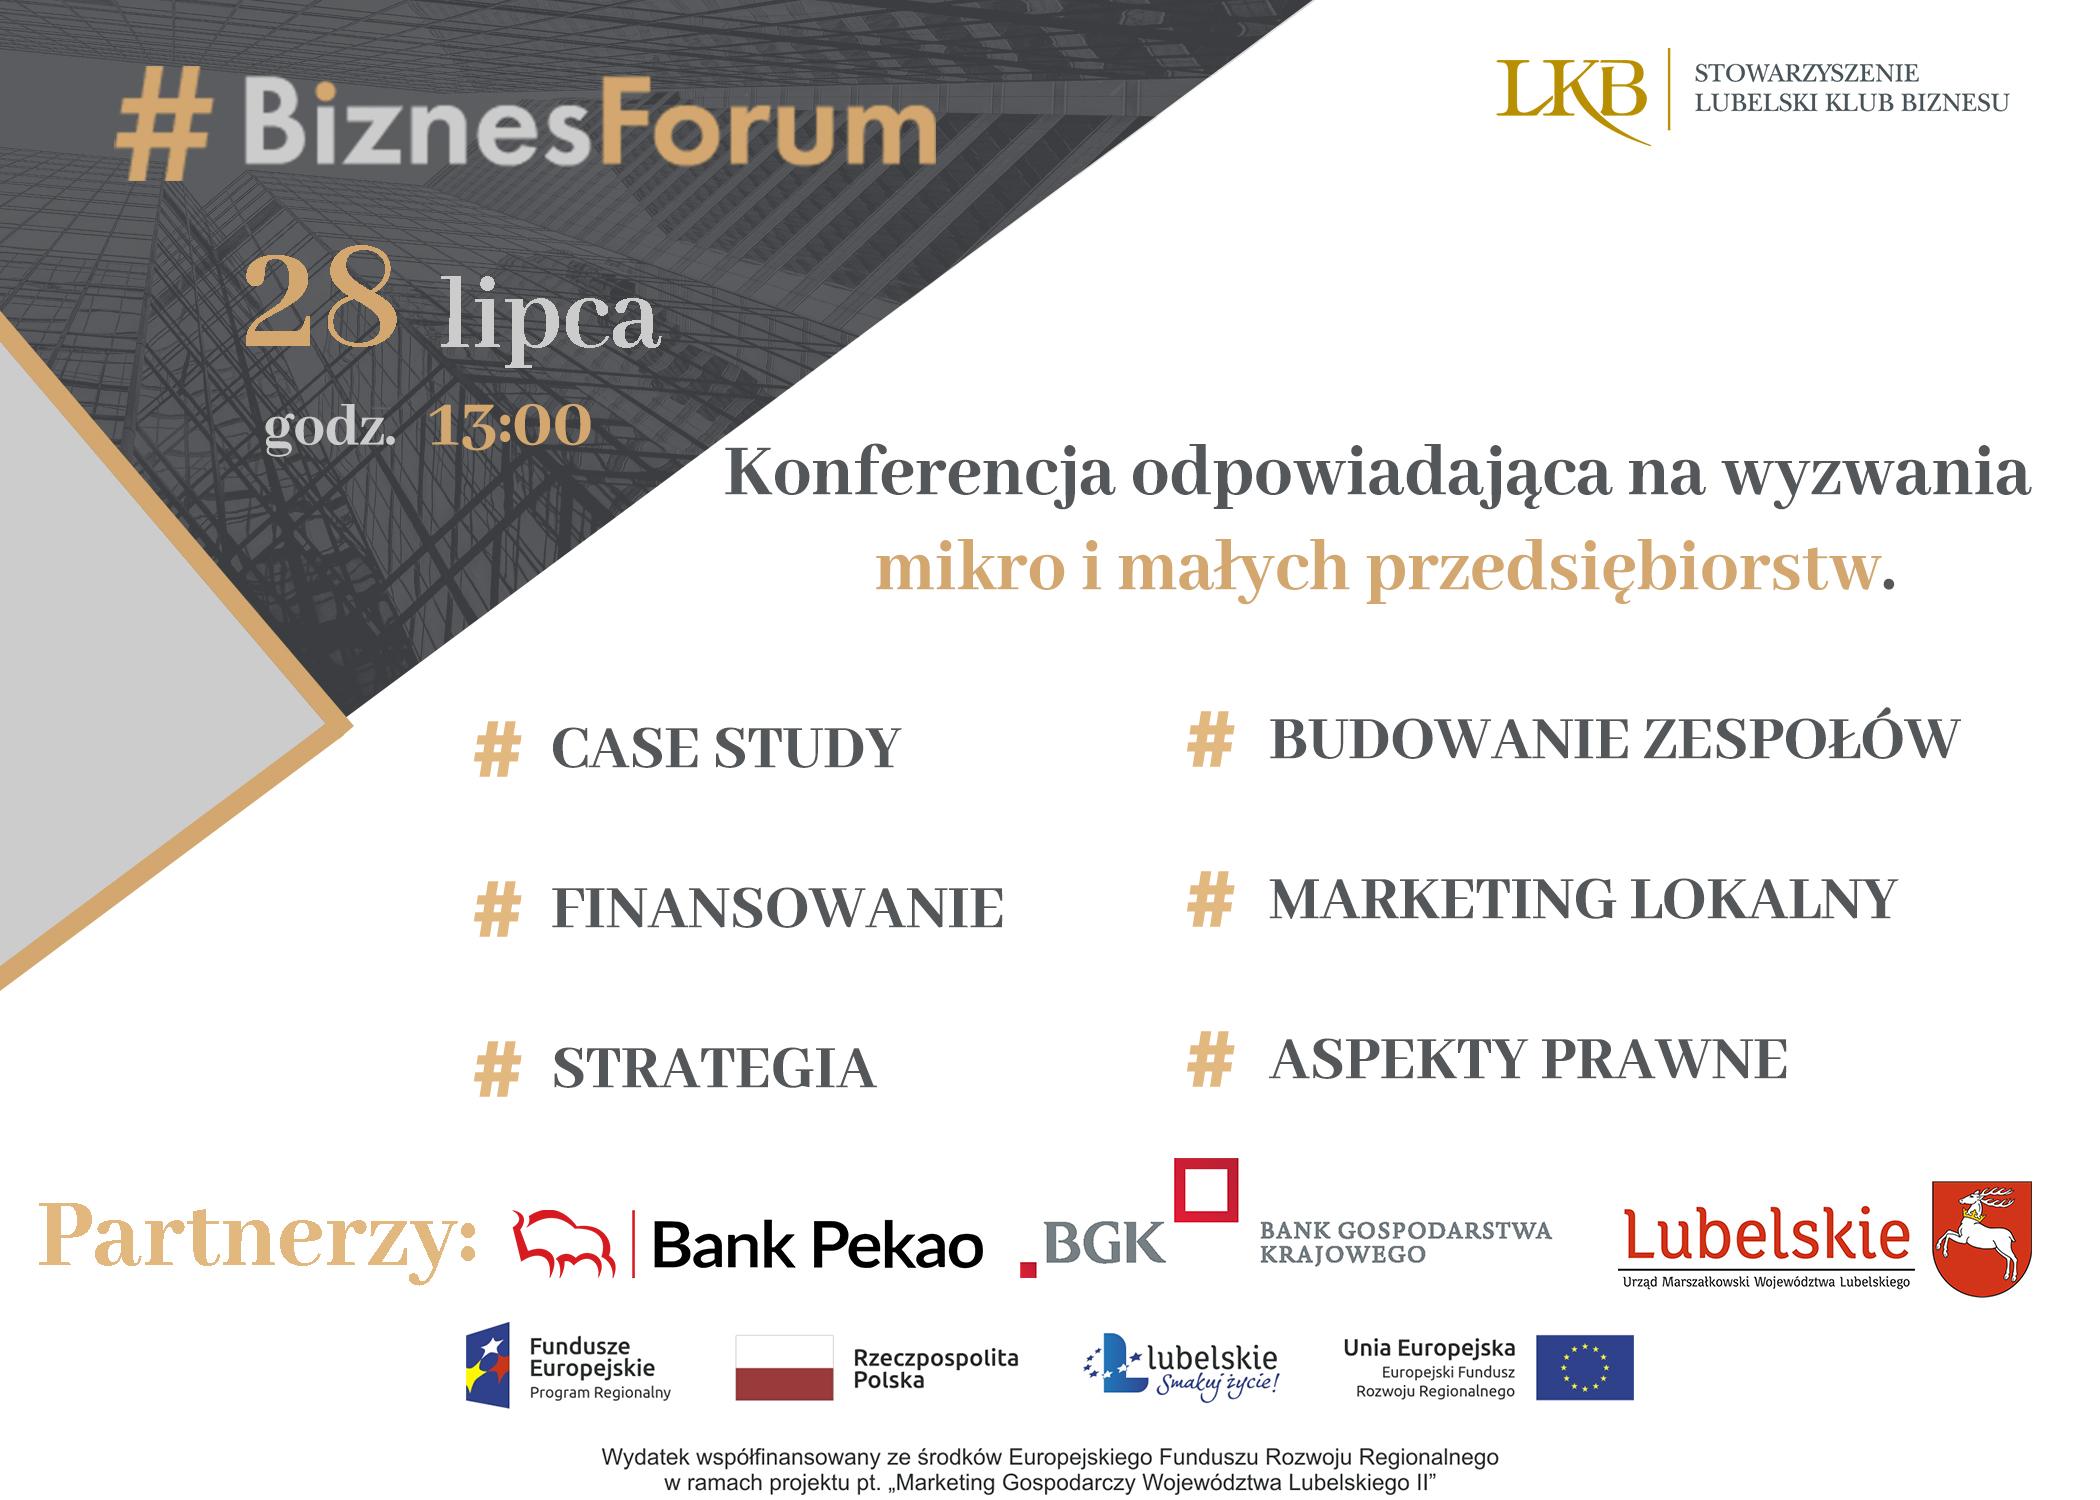 Zaproszenie na #Biznes Forum <br> 28 lipca 2021 r. godz. 13:00